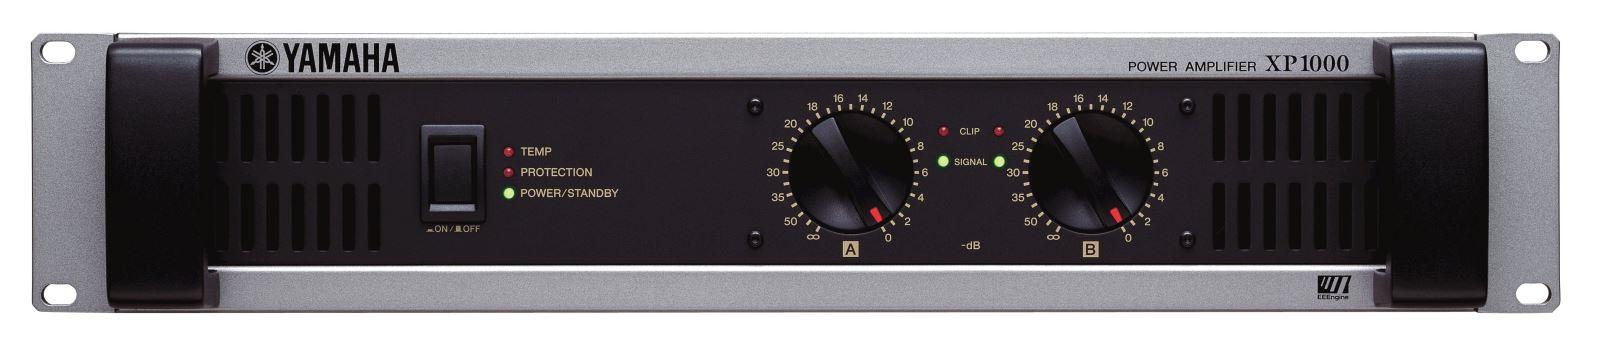 Cấu hình âm thanh hội thảo TOA TS-680